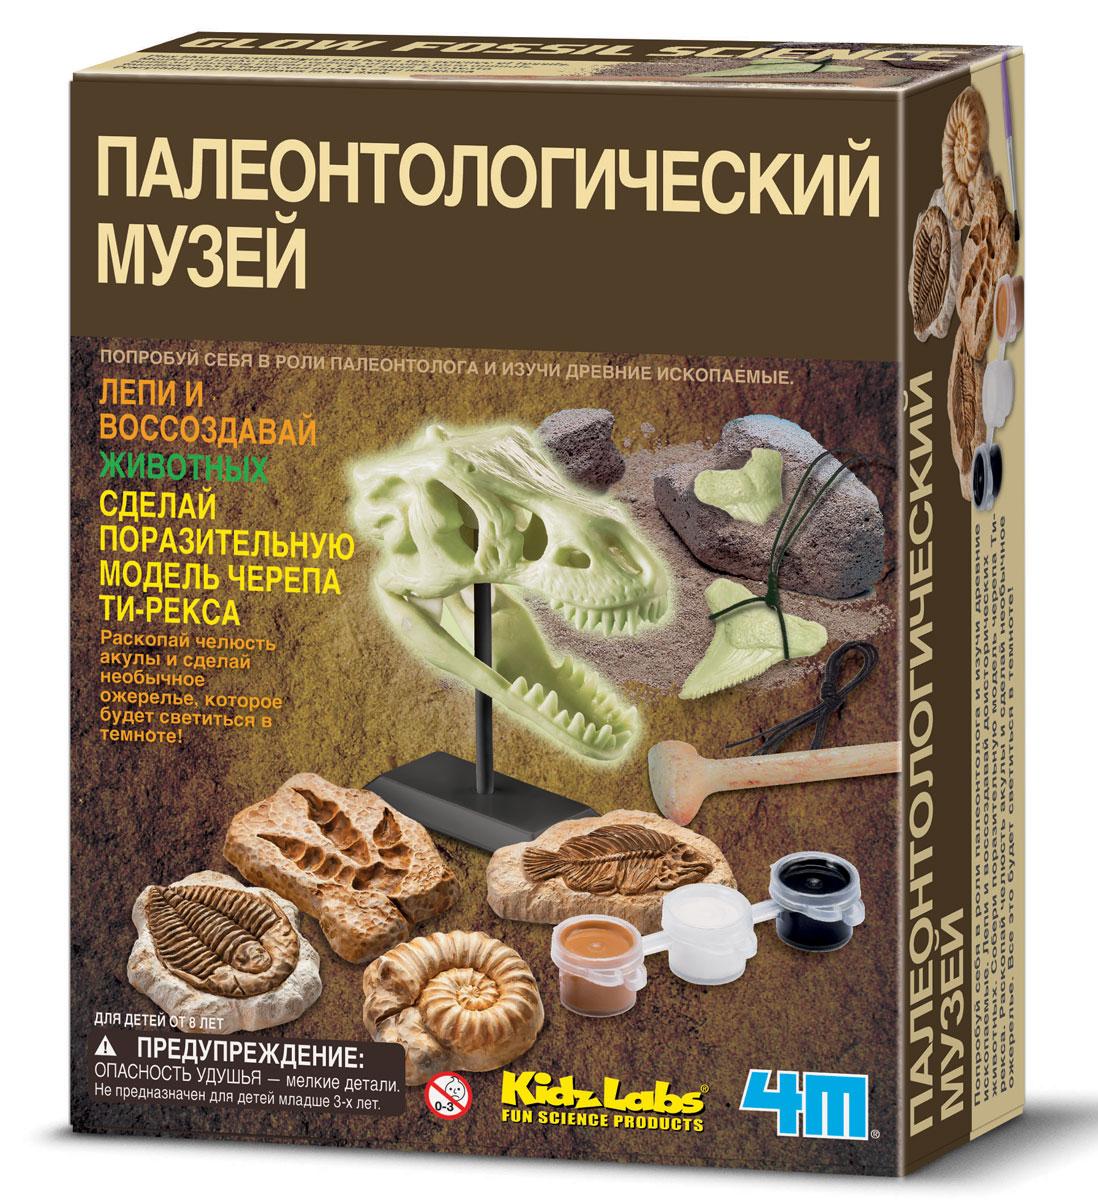 Сборная модель 4M Палеонтологический музей00-03356Попробуйте себя в роли палеонтолога и изучите древние ископаемые. Лепите и воссоздавайте доисторических животных. Соберите поразительную модель черепа Ти-рекса. Раскопайте челюсть акулы и сделайте необычное ожерелье, которое будет светиться в темноте! Набор содержит 2 пакета гипсового порошка, 1 поддон для лепки, кисточку, светящуюся краску, гипсовый блок с акульей челюстью, инструмент для раскопок, кожаный шнурок, набор со светящимся черепом динозавра, дисплей-подставку, самоклеящиеся магниты и детальную инструкцию.